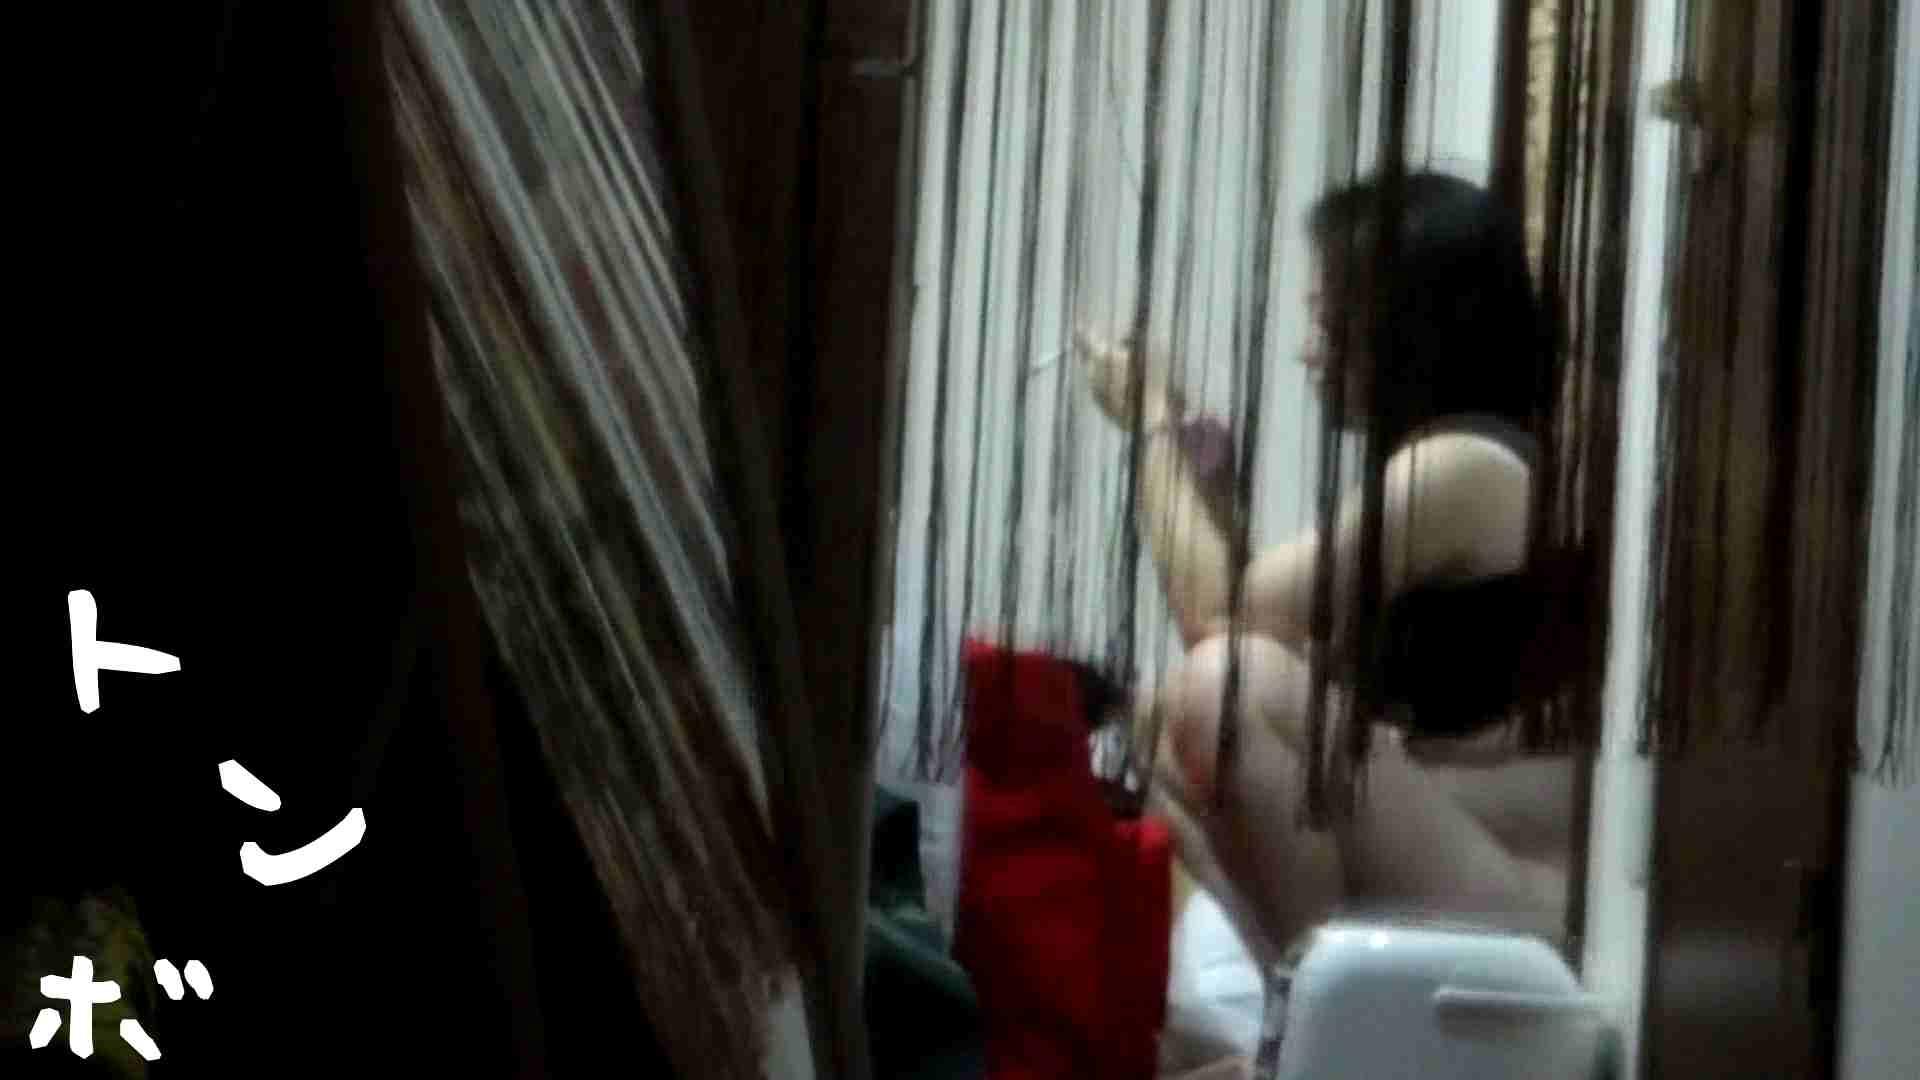 リアル盗撮 むっちりお女市さんの私生活ヌード 潜入エロ調査   高画質  78連発 46